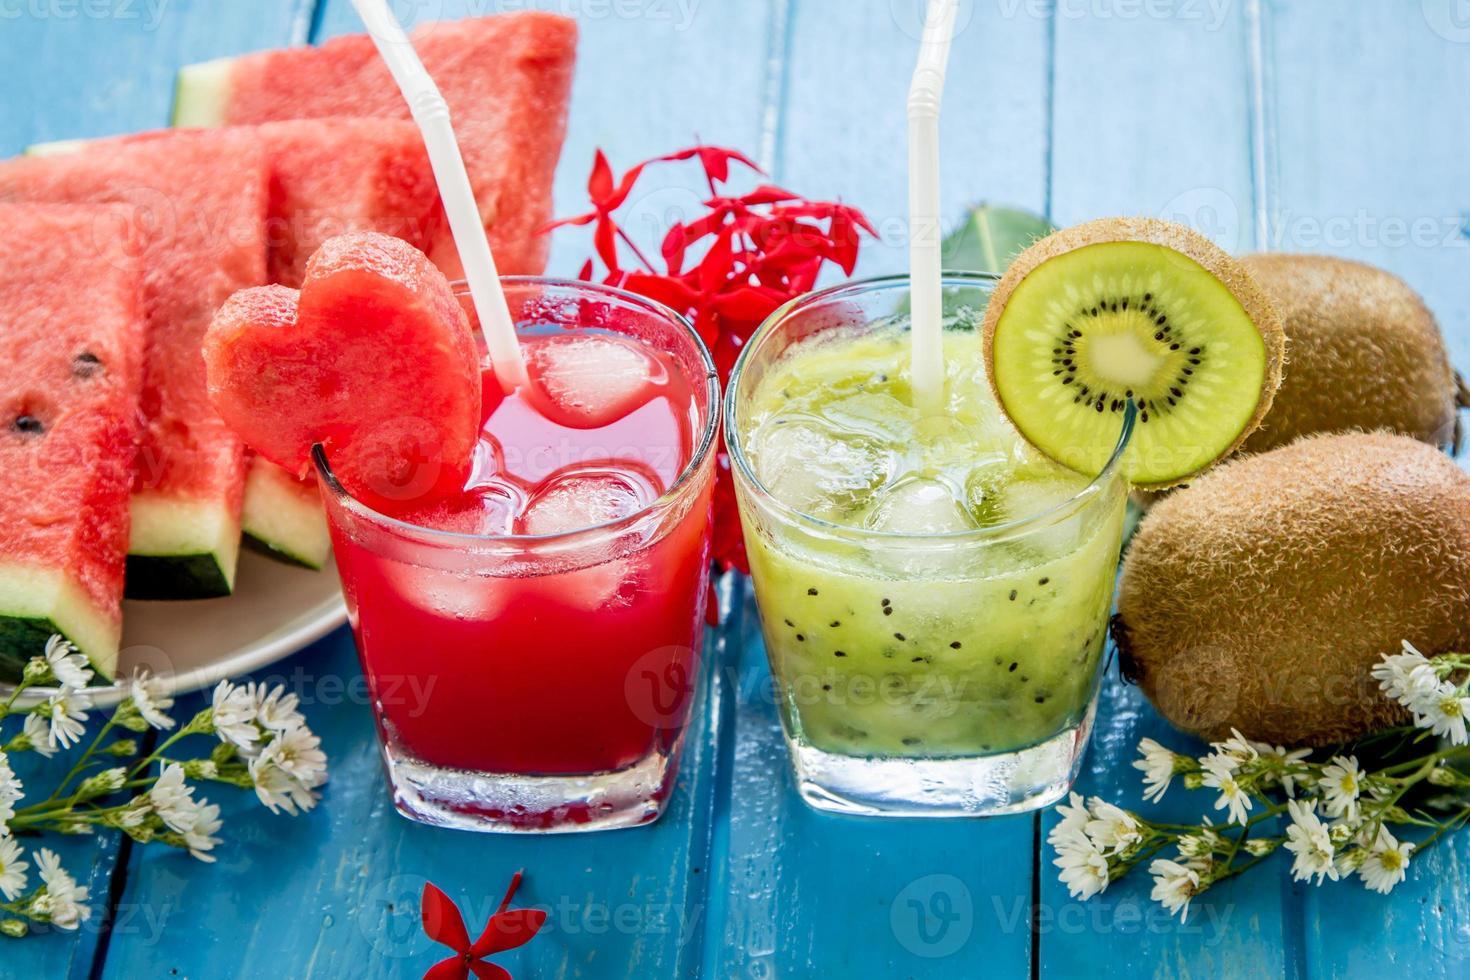 Kiwisaft und Wassermelonensaft mit frischen Früchten foto